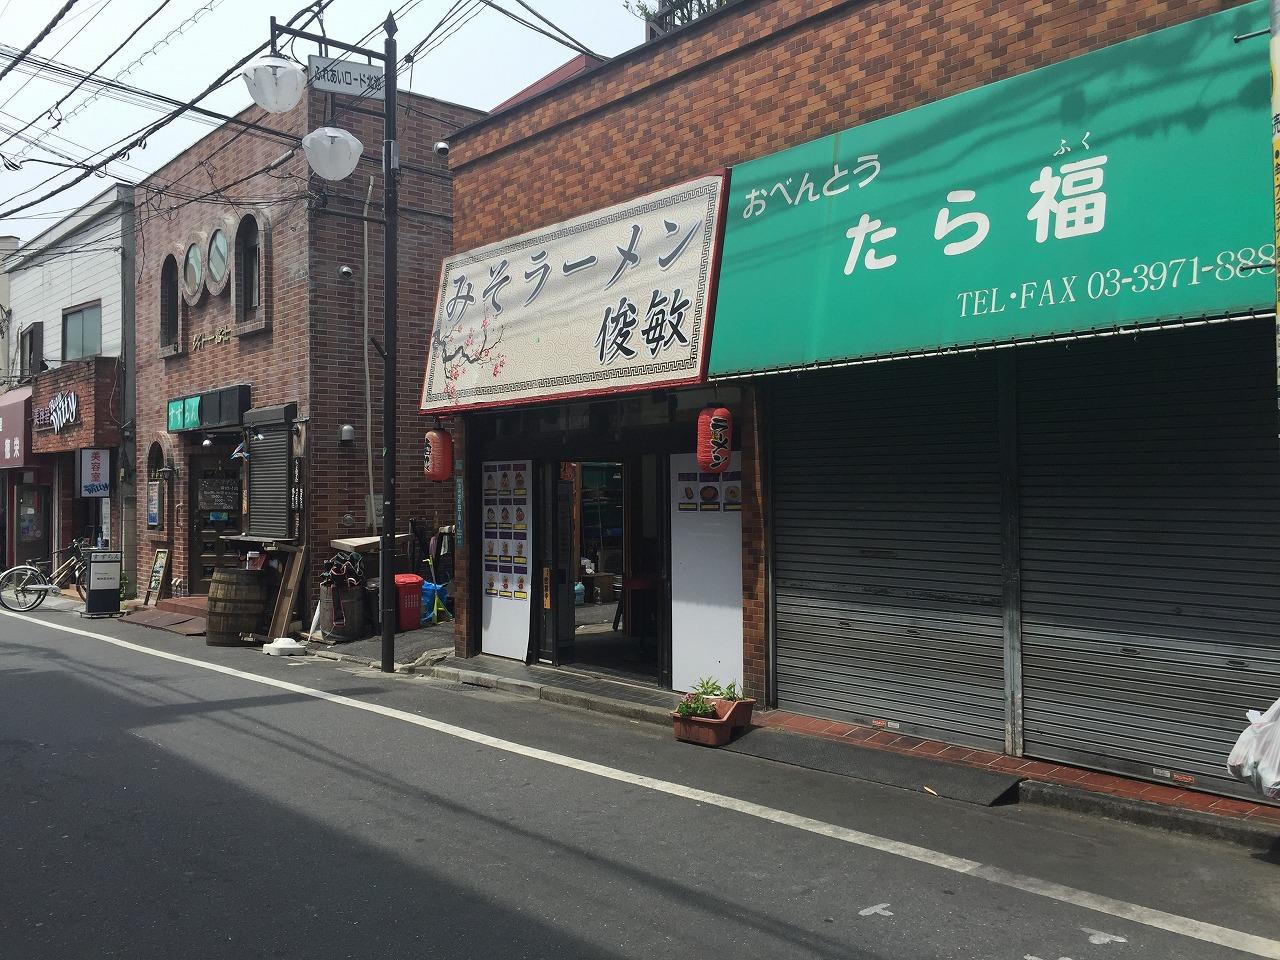 20160503_俊敏 (1)